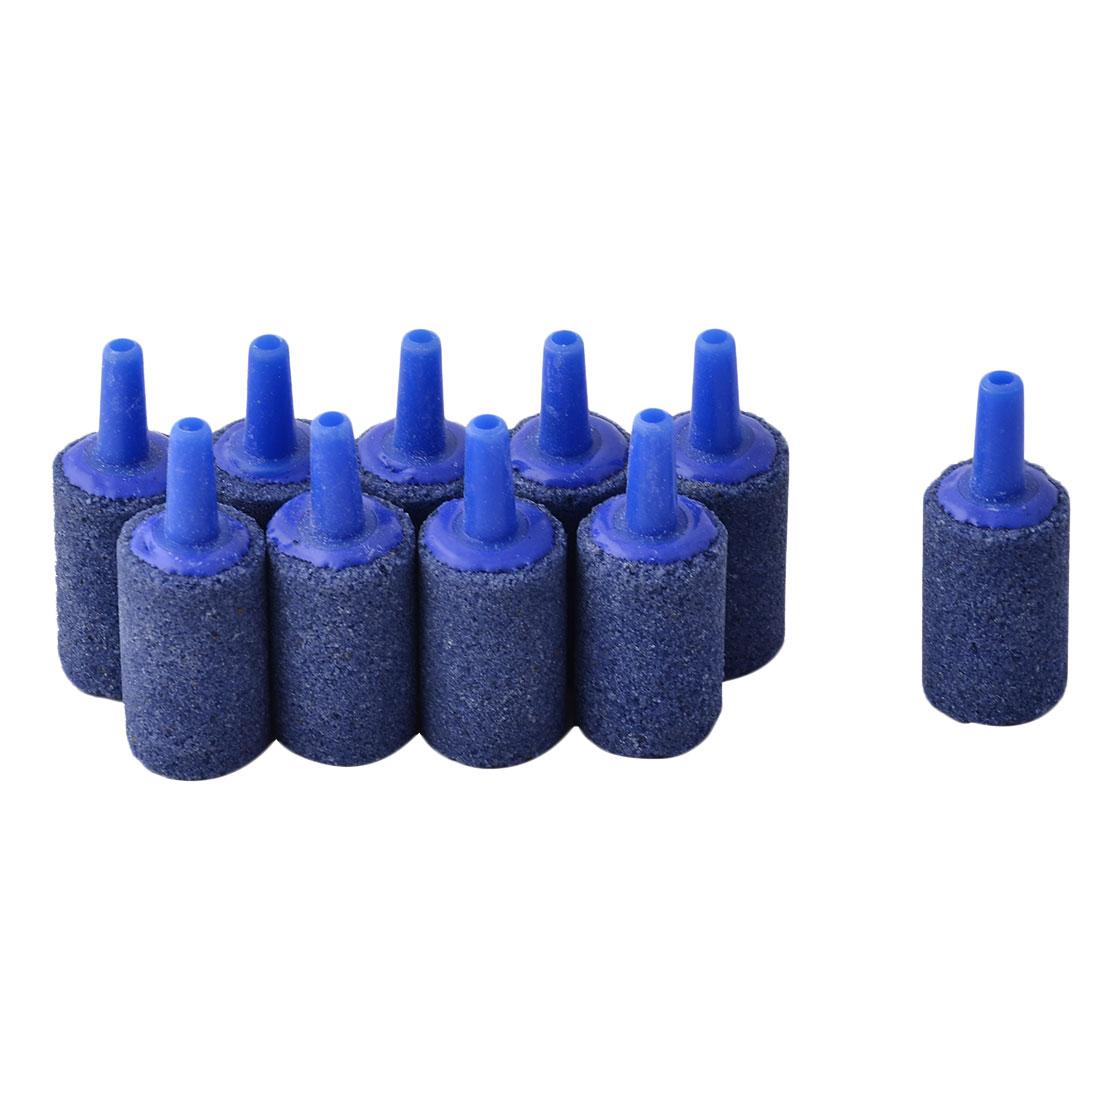 Aquarium Fish Tank Mineral Plastic Bubble Diffusers Maker Air Stone Blue 10pcs